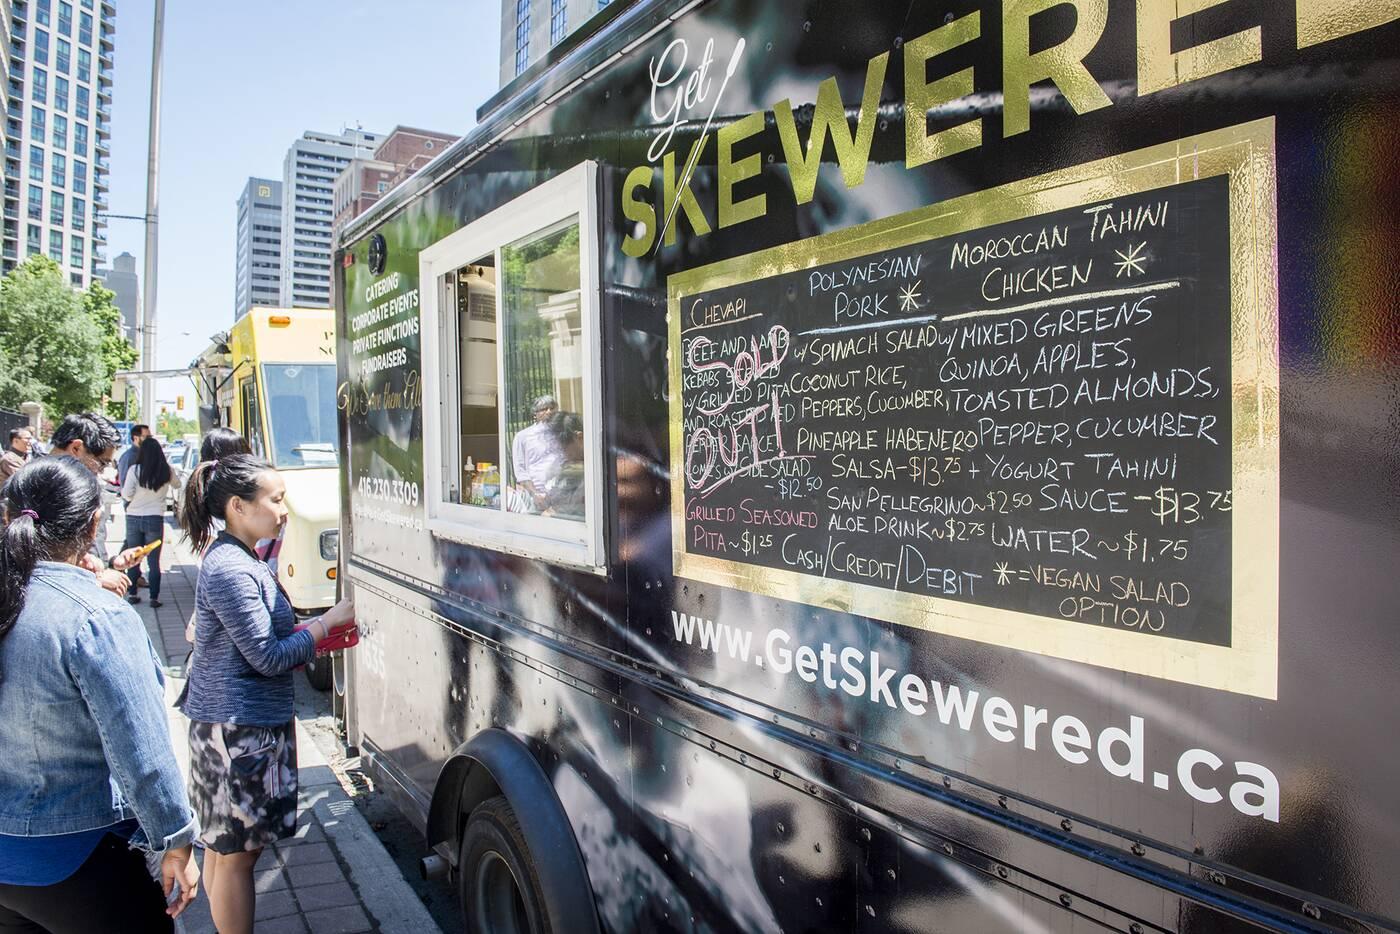 Get Skewered Toronto